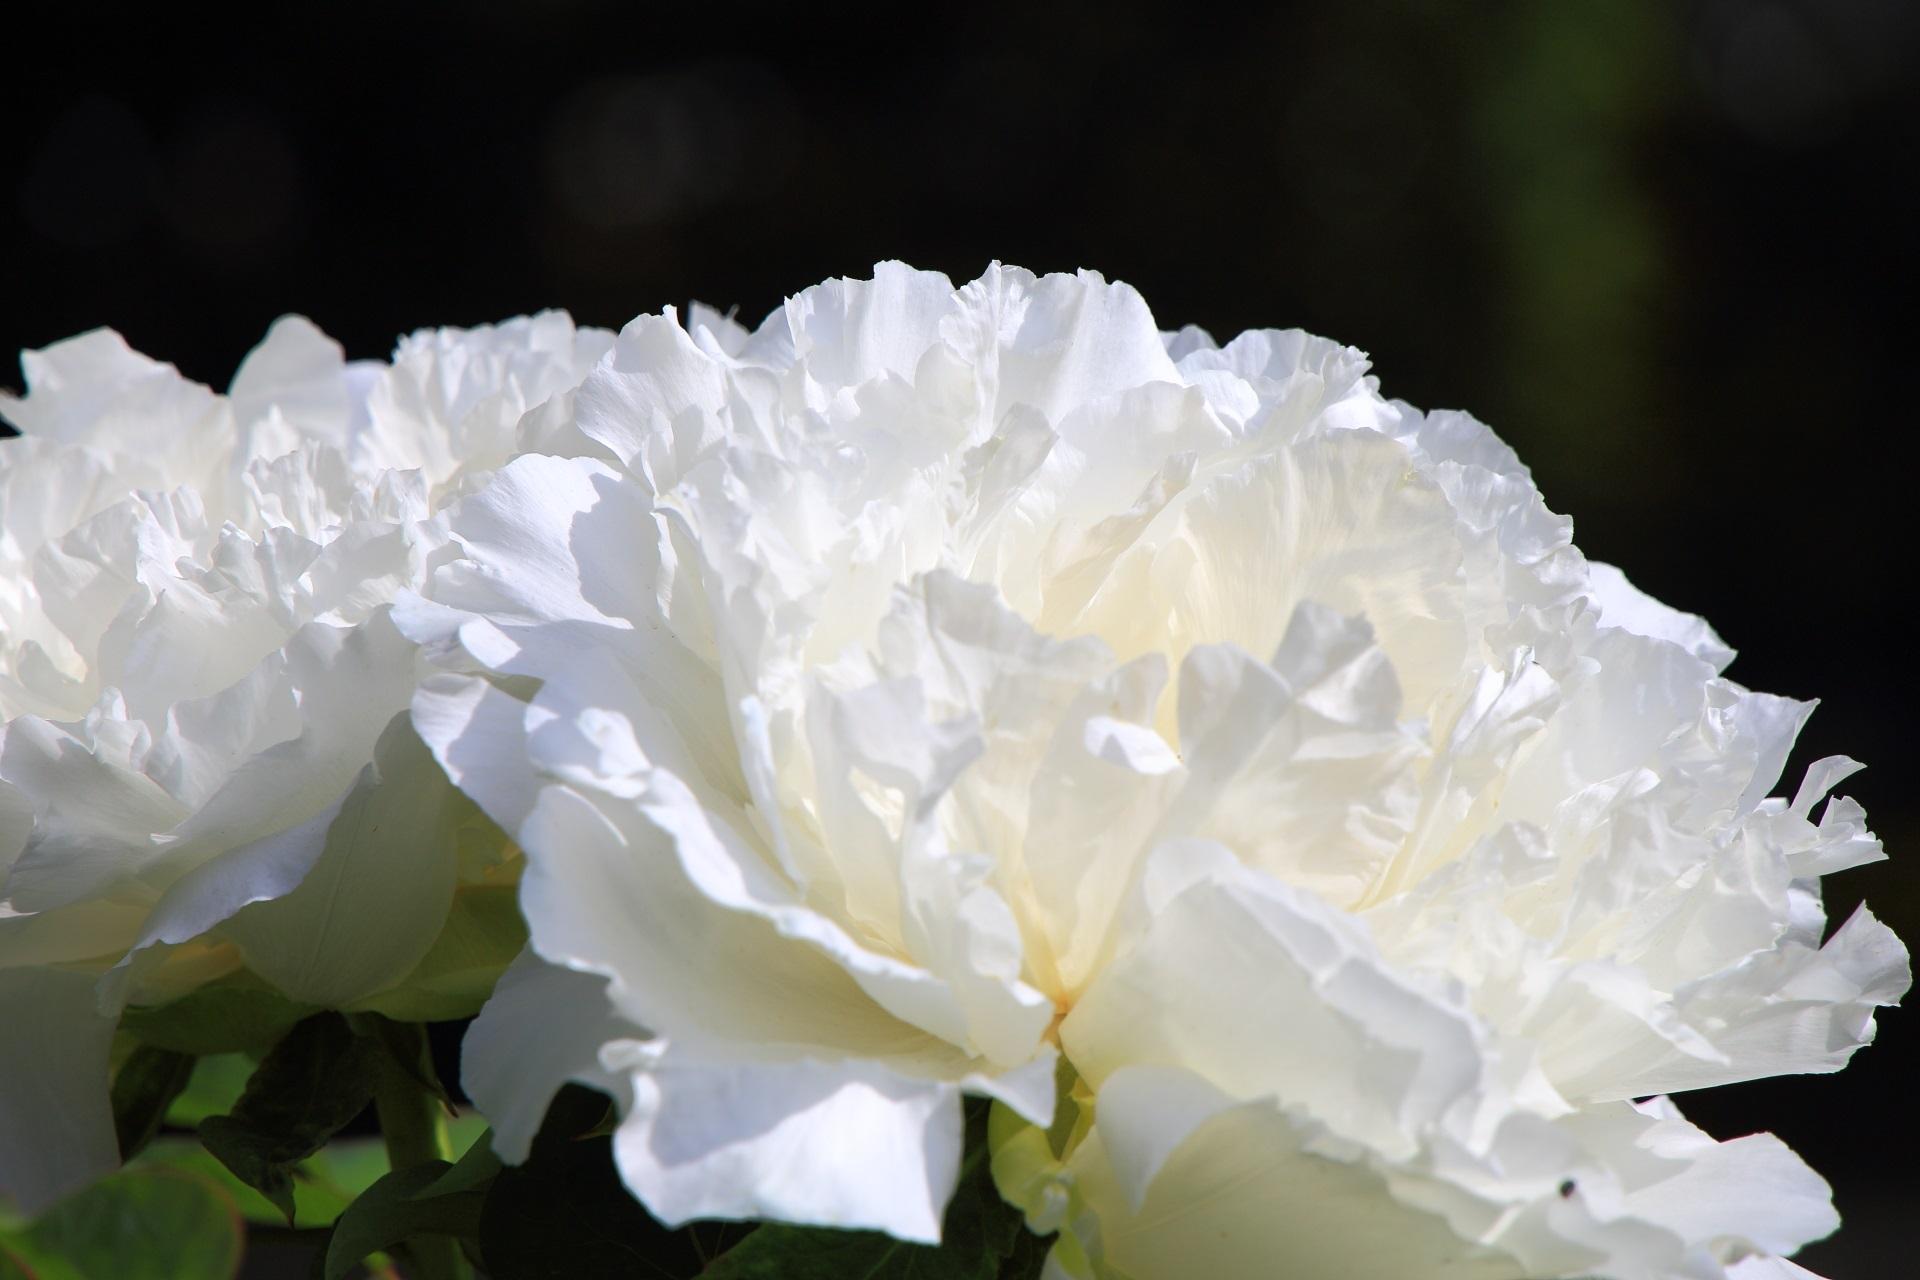 純白で上品な雰囲気のボタンの花